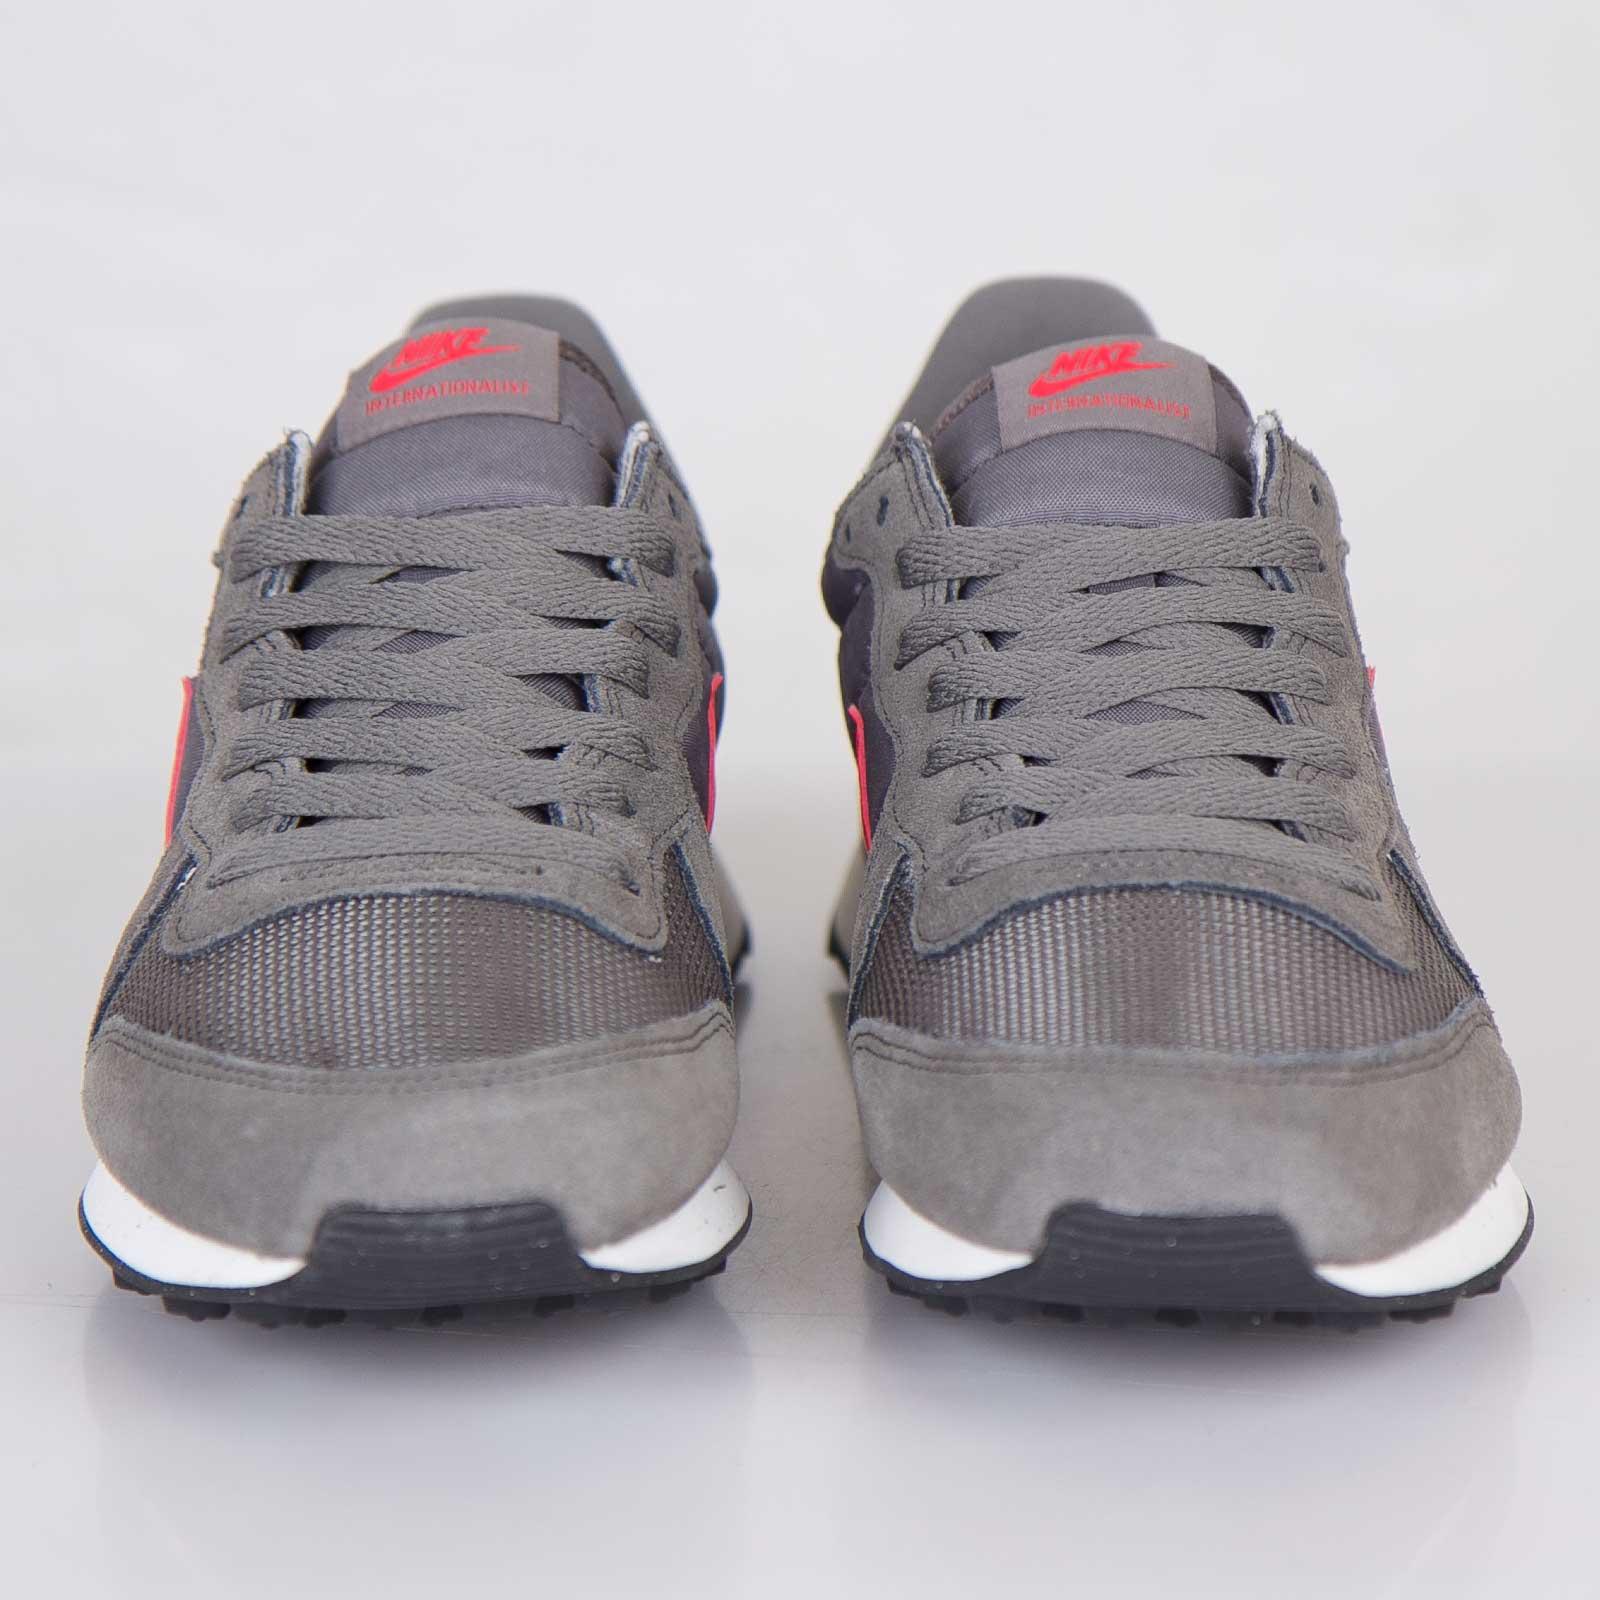 new style 96486 f7934 Nike Internationalist - 631754-062 - Sneakersnstuff   sneakers   streetwear  online since 1999